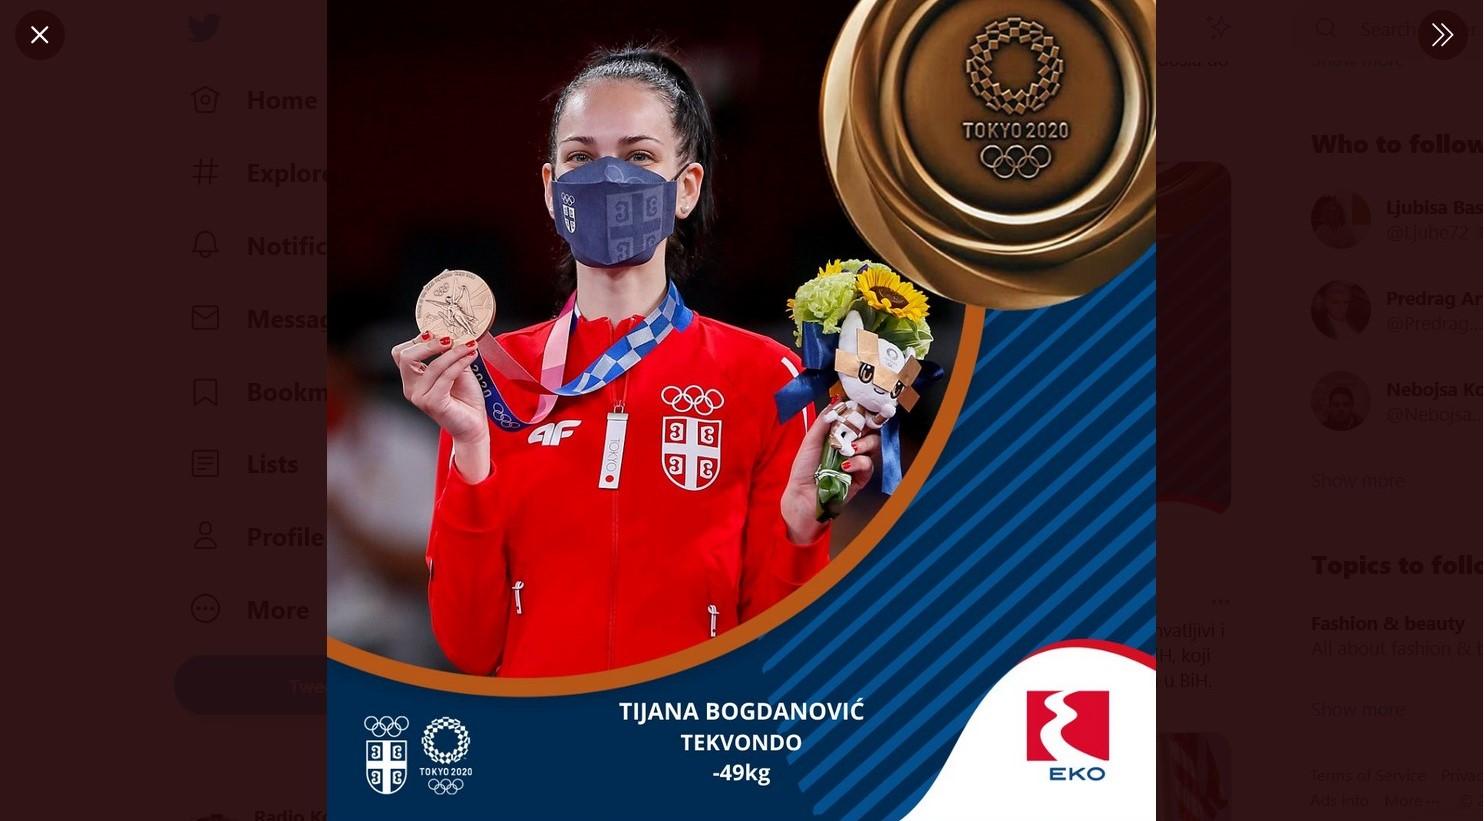 oi-tokio-2020-druga-medalja-za-srbiju-tijana-bogdanovic-osvojila-bronzu